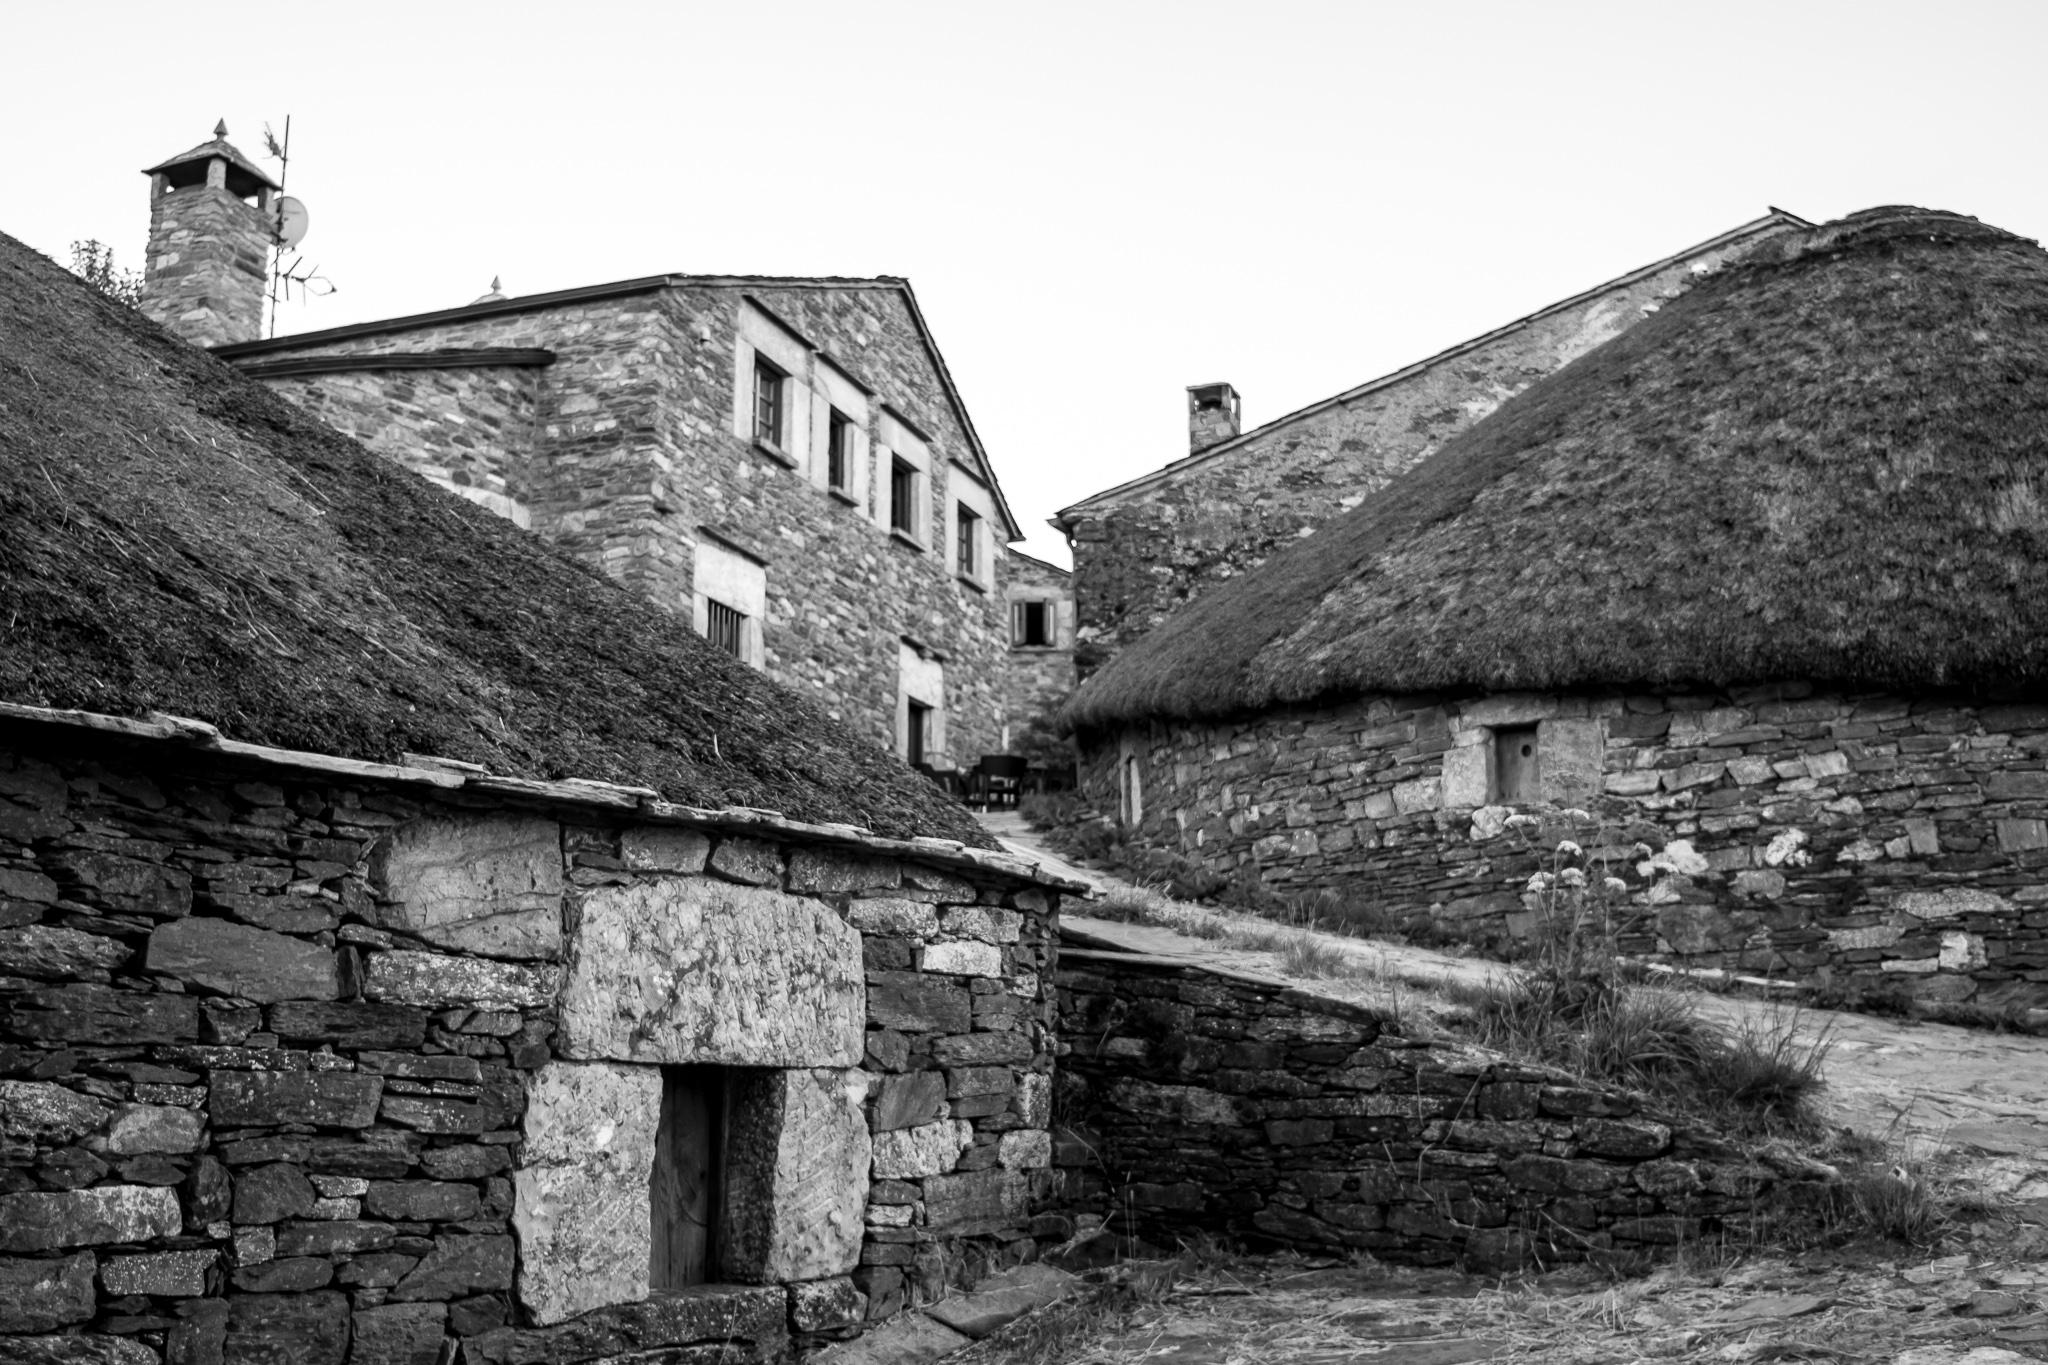 O Cebreiro, en la provincia de Lugo, constituye la entrada a Galicia del Camino de Santiago en su vertiente francesa.<br> Situado a 1.300 metros de altura y en un entorno excepcional, se caracteriza principalmente por las viviendas denominadas pallozas, construcciones tradicionales de piedra y paja capaces de soportar los temporales de nieve y viento de la alta montaña.